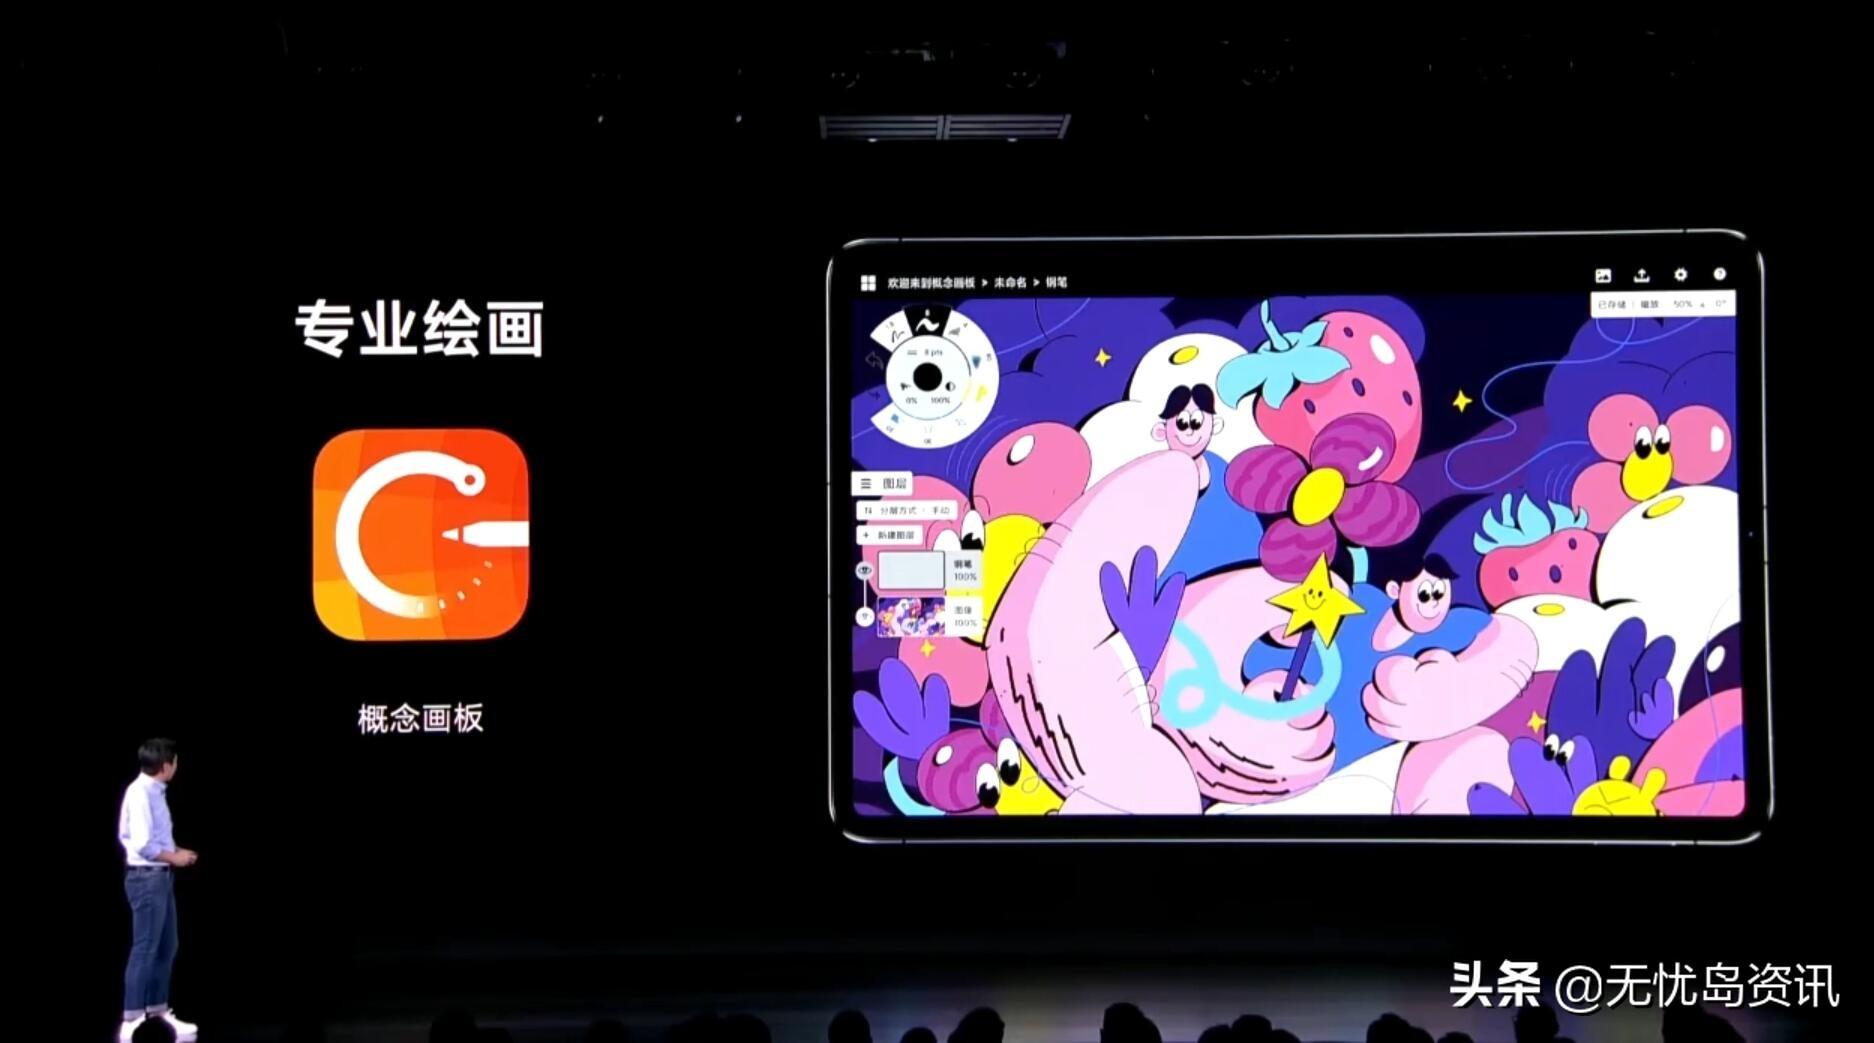 雷军对标iPad Pro而研发的小米平板5,究竟值不值得买呢? 京东特惠 第7张